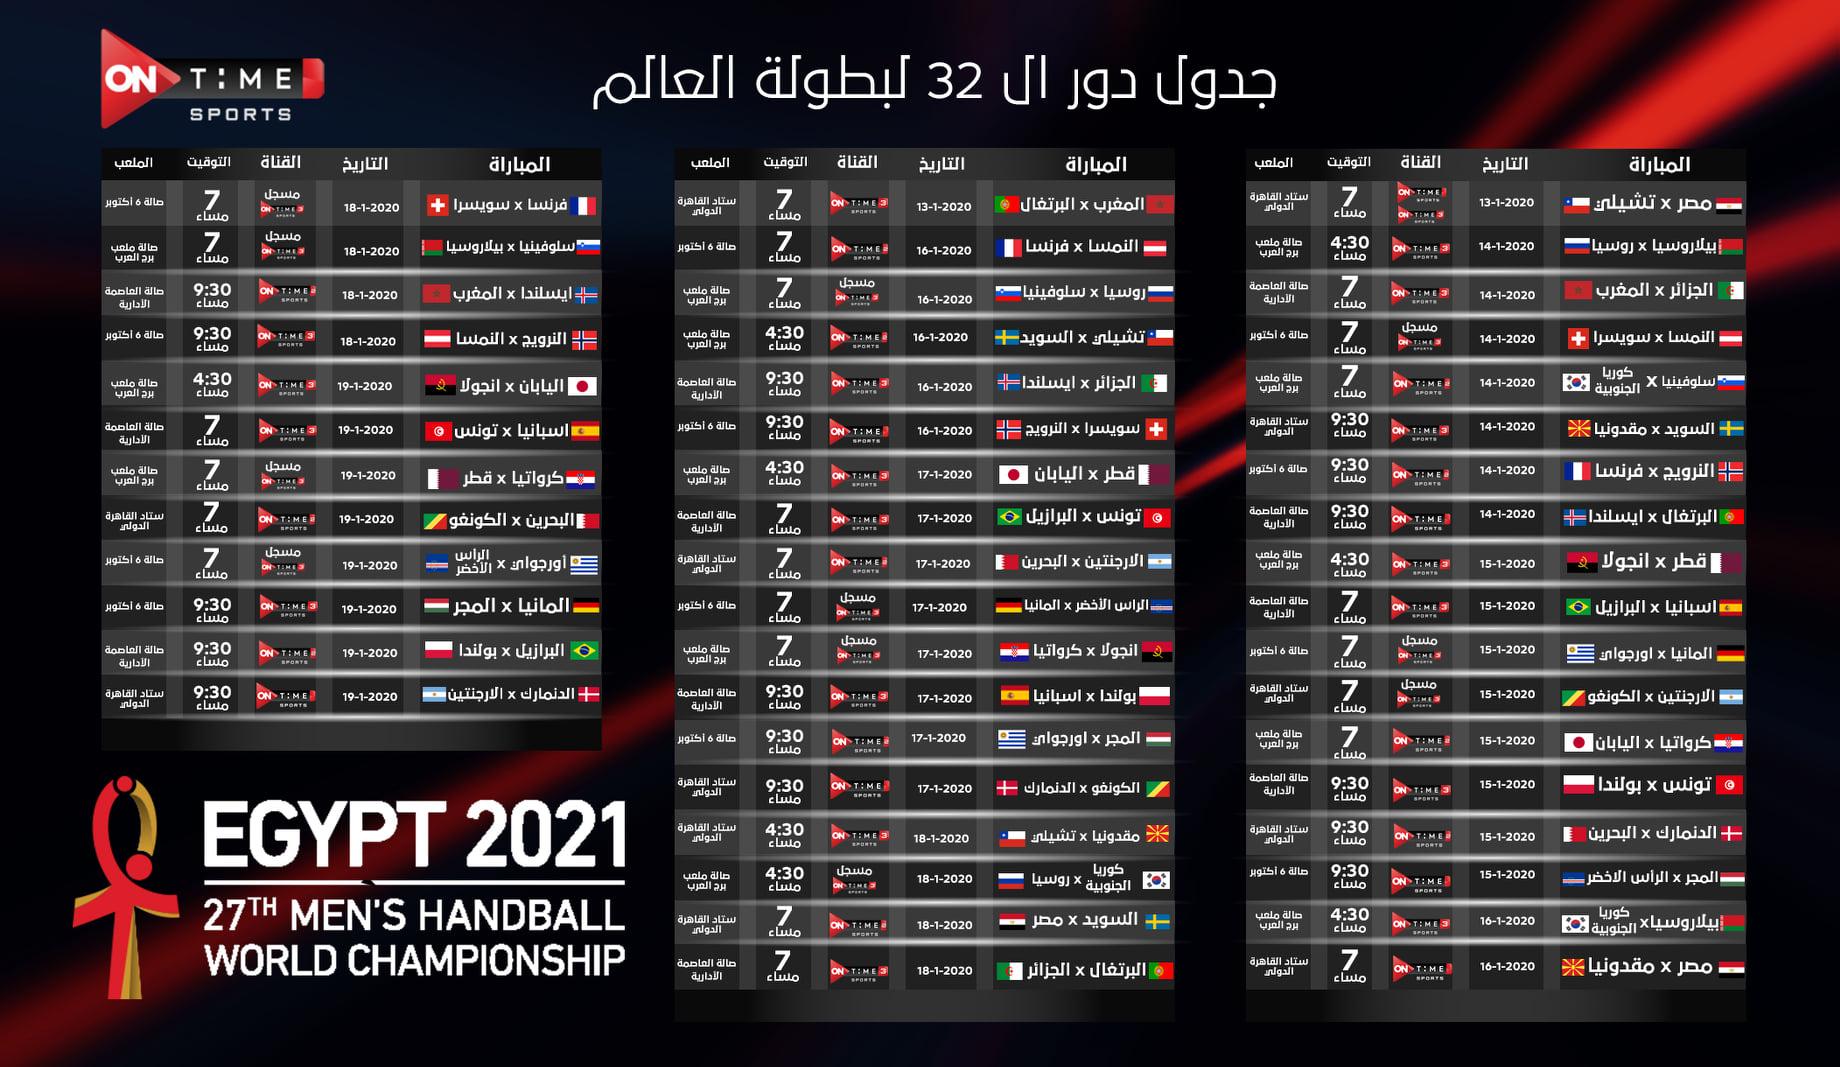 جدول مواعيد مباريات كأس العالم لكرة اليد 2021 مونديال مصر - سما الإخبارية